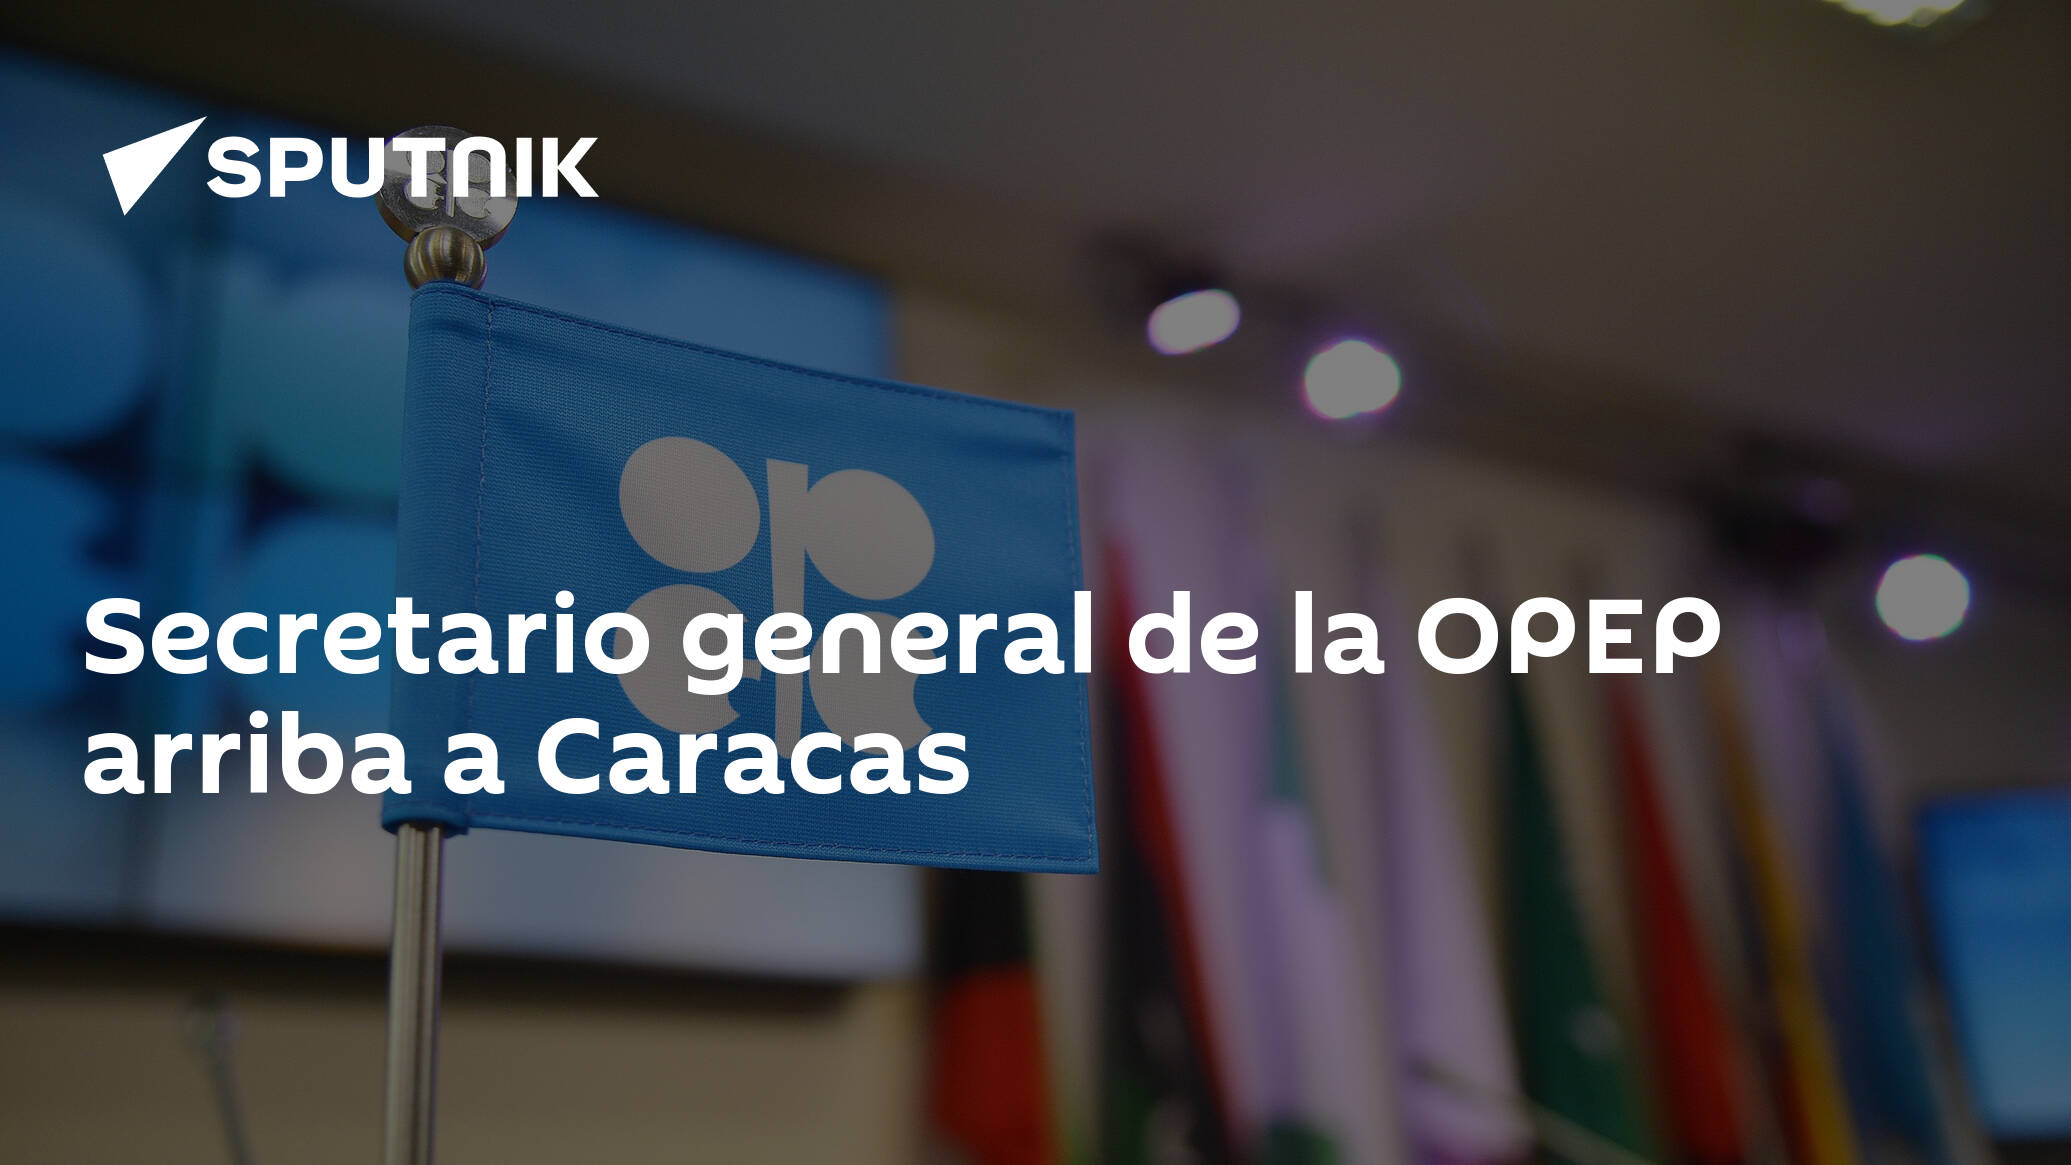 Secretario general de la OPEP arriba a Caracas